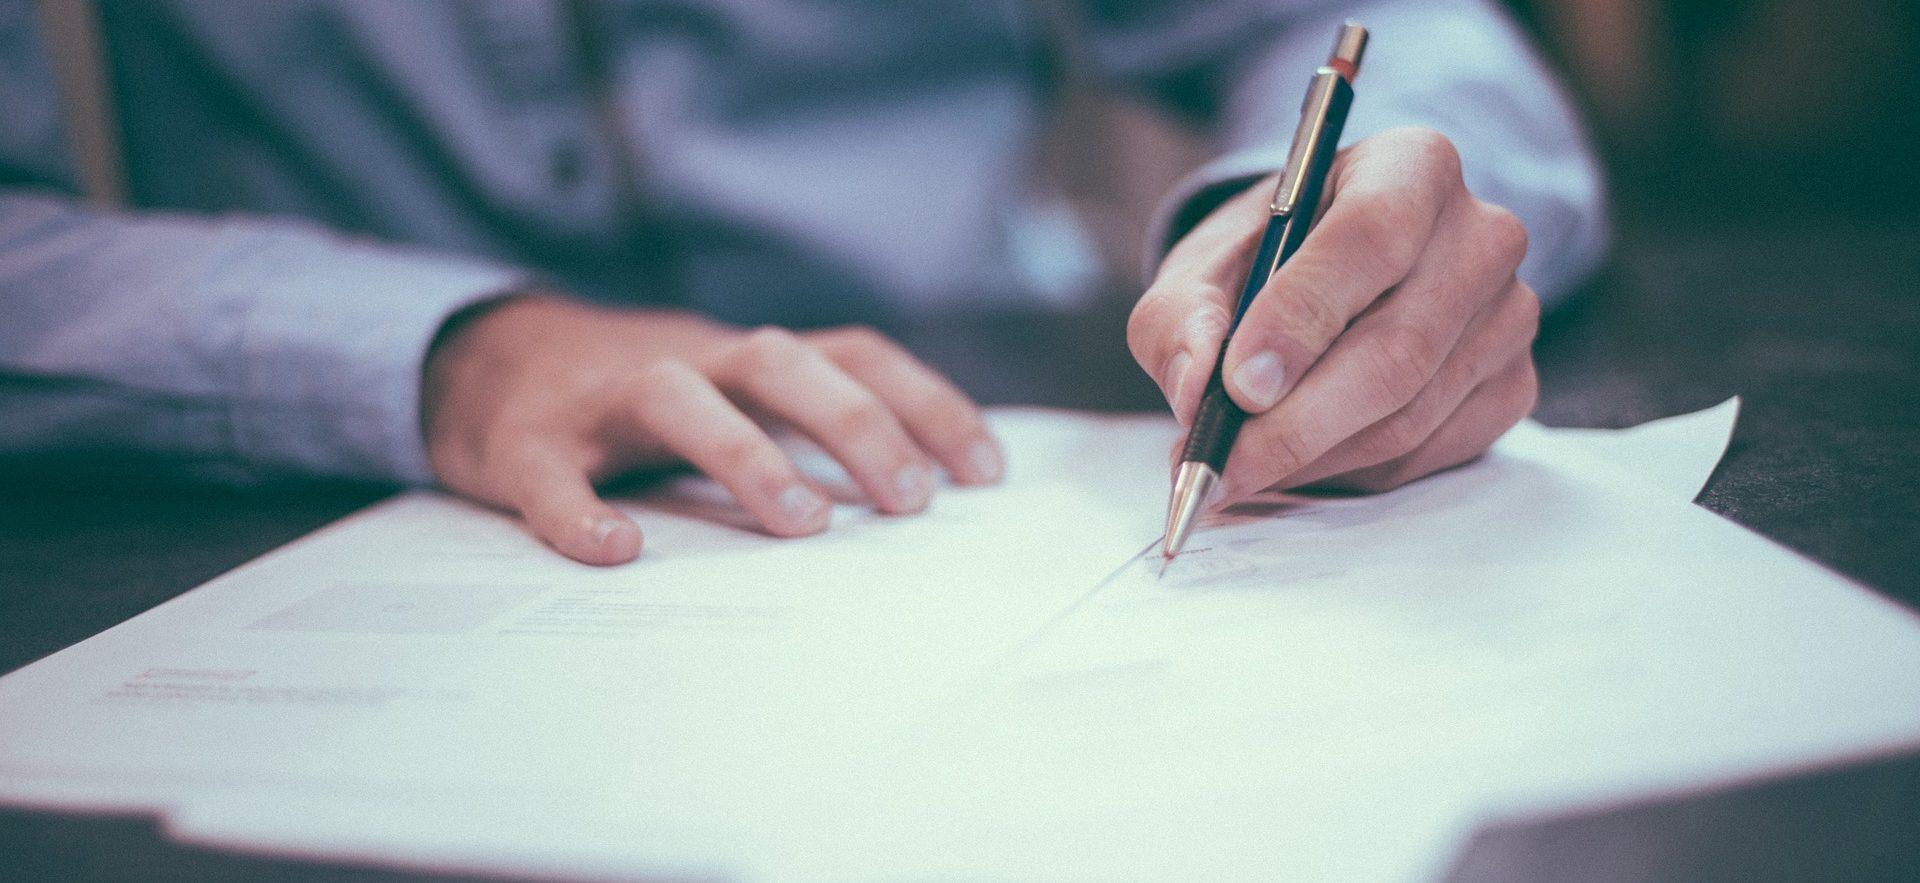 Firma legal economía finanzas contrato empleo BBVA recurso